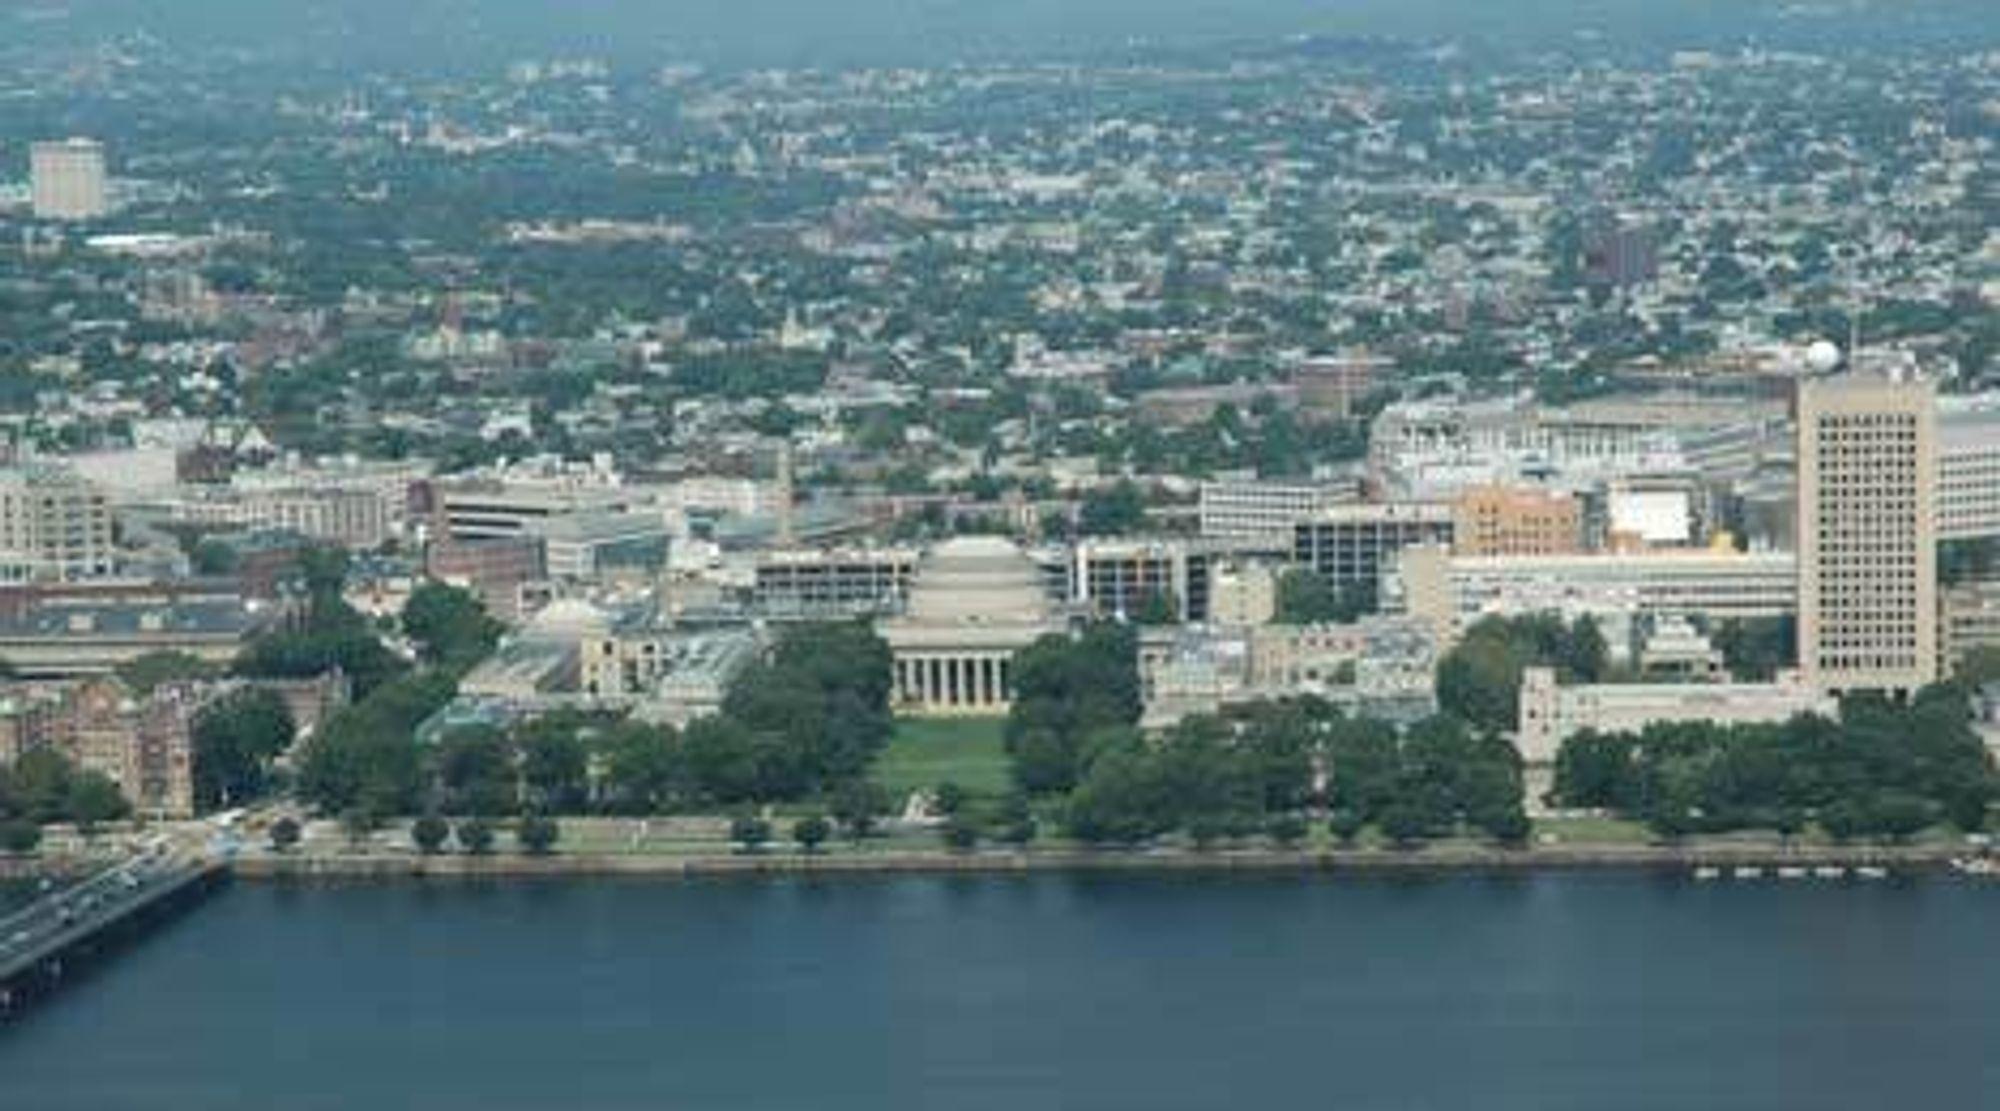 NY STRUKTUR: Det tradisjonelle ingeniøruniversitetet MIT i Boston merker endringene på kroppen. I år er det for første gang i MITs historie ikke lenger forsvarsdepartementet med helsedepartementet som er største bidragsyter.Foto: J. Seehusen